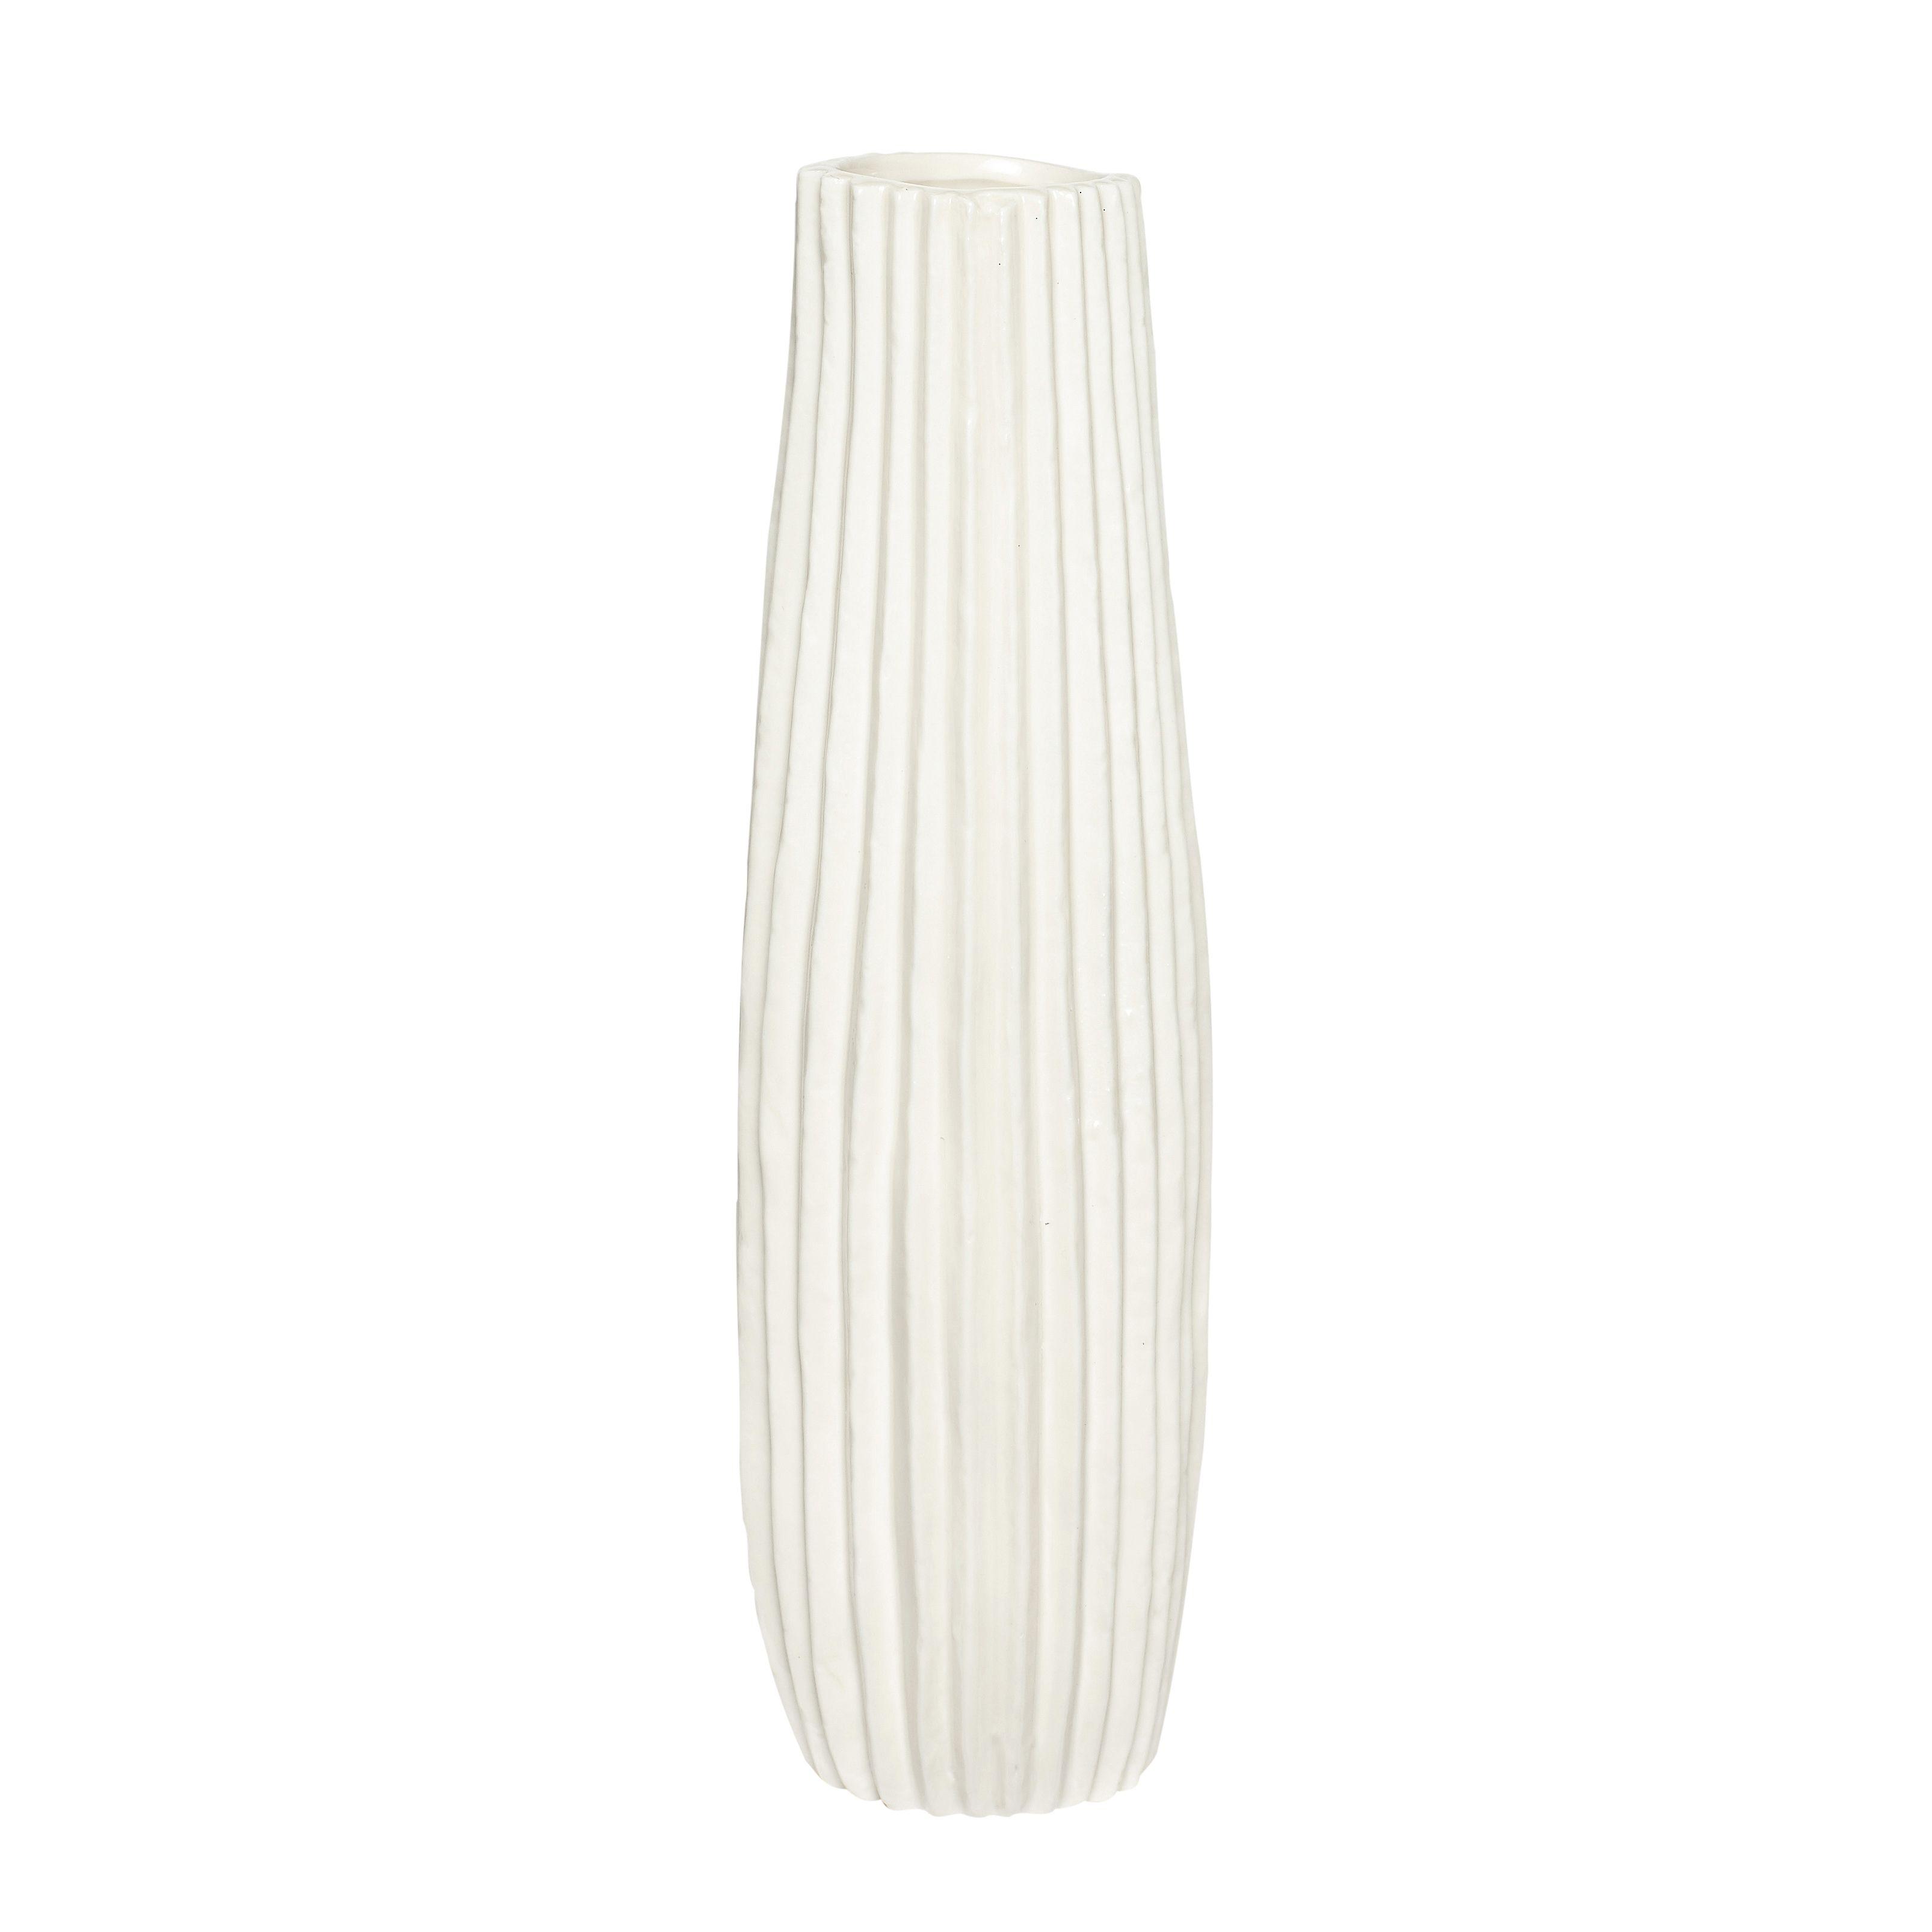 tall ceramic vase  ceramic vase white vases and boutique design - tall ceramic vase